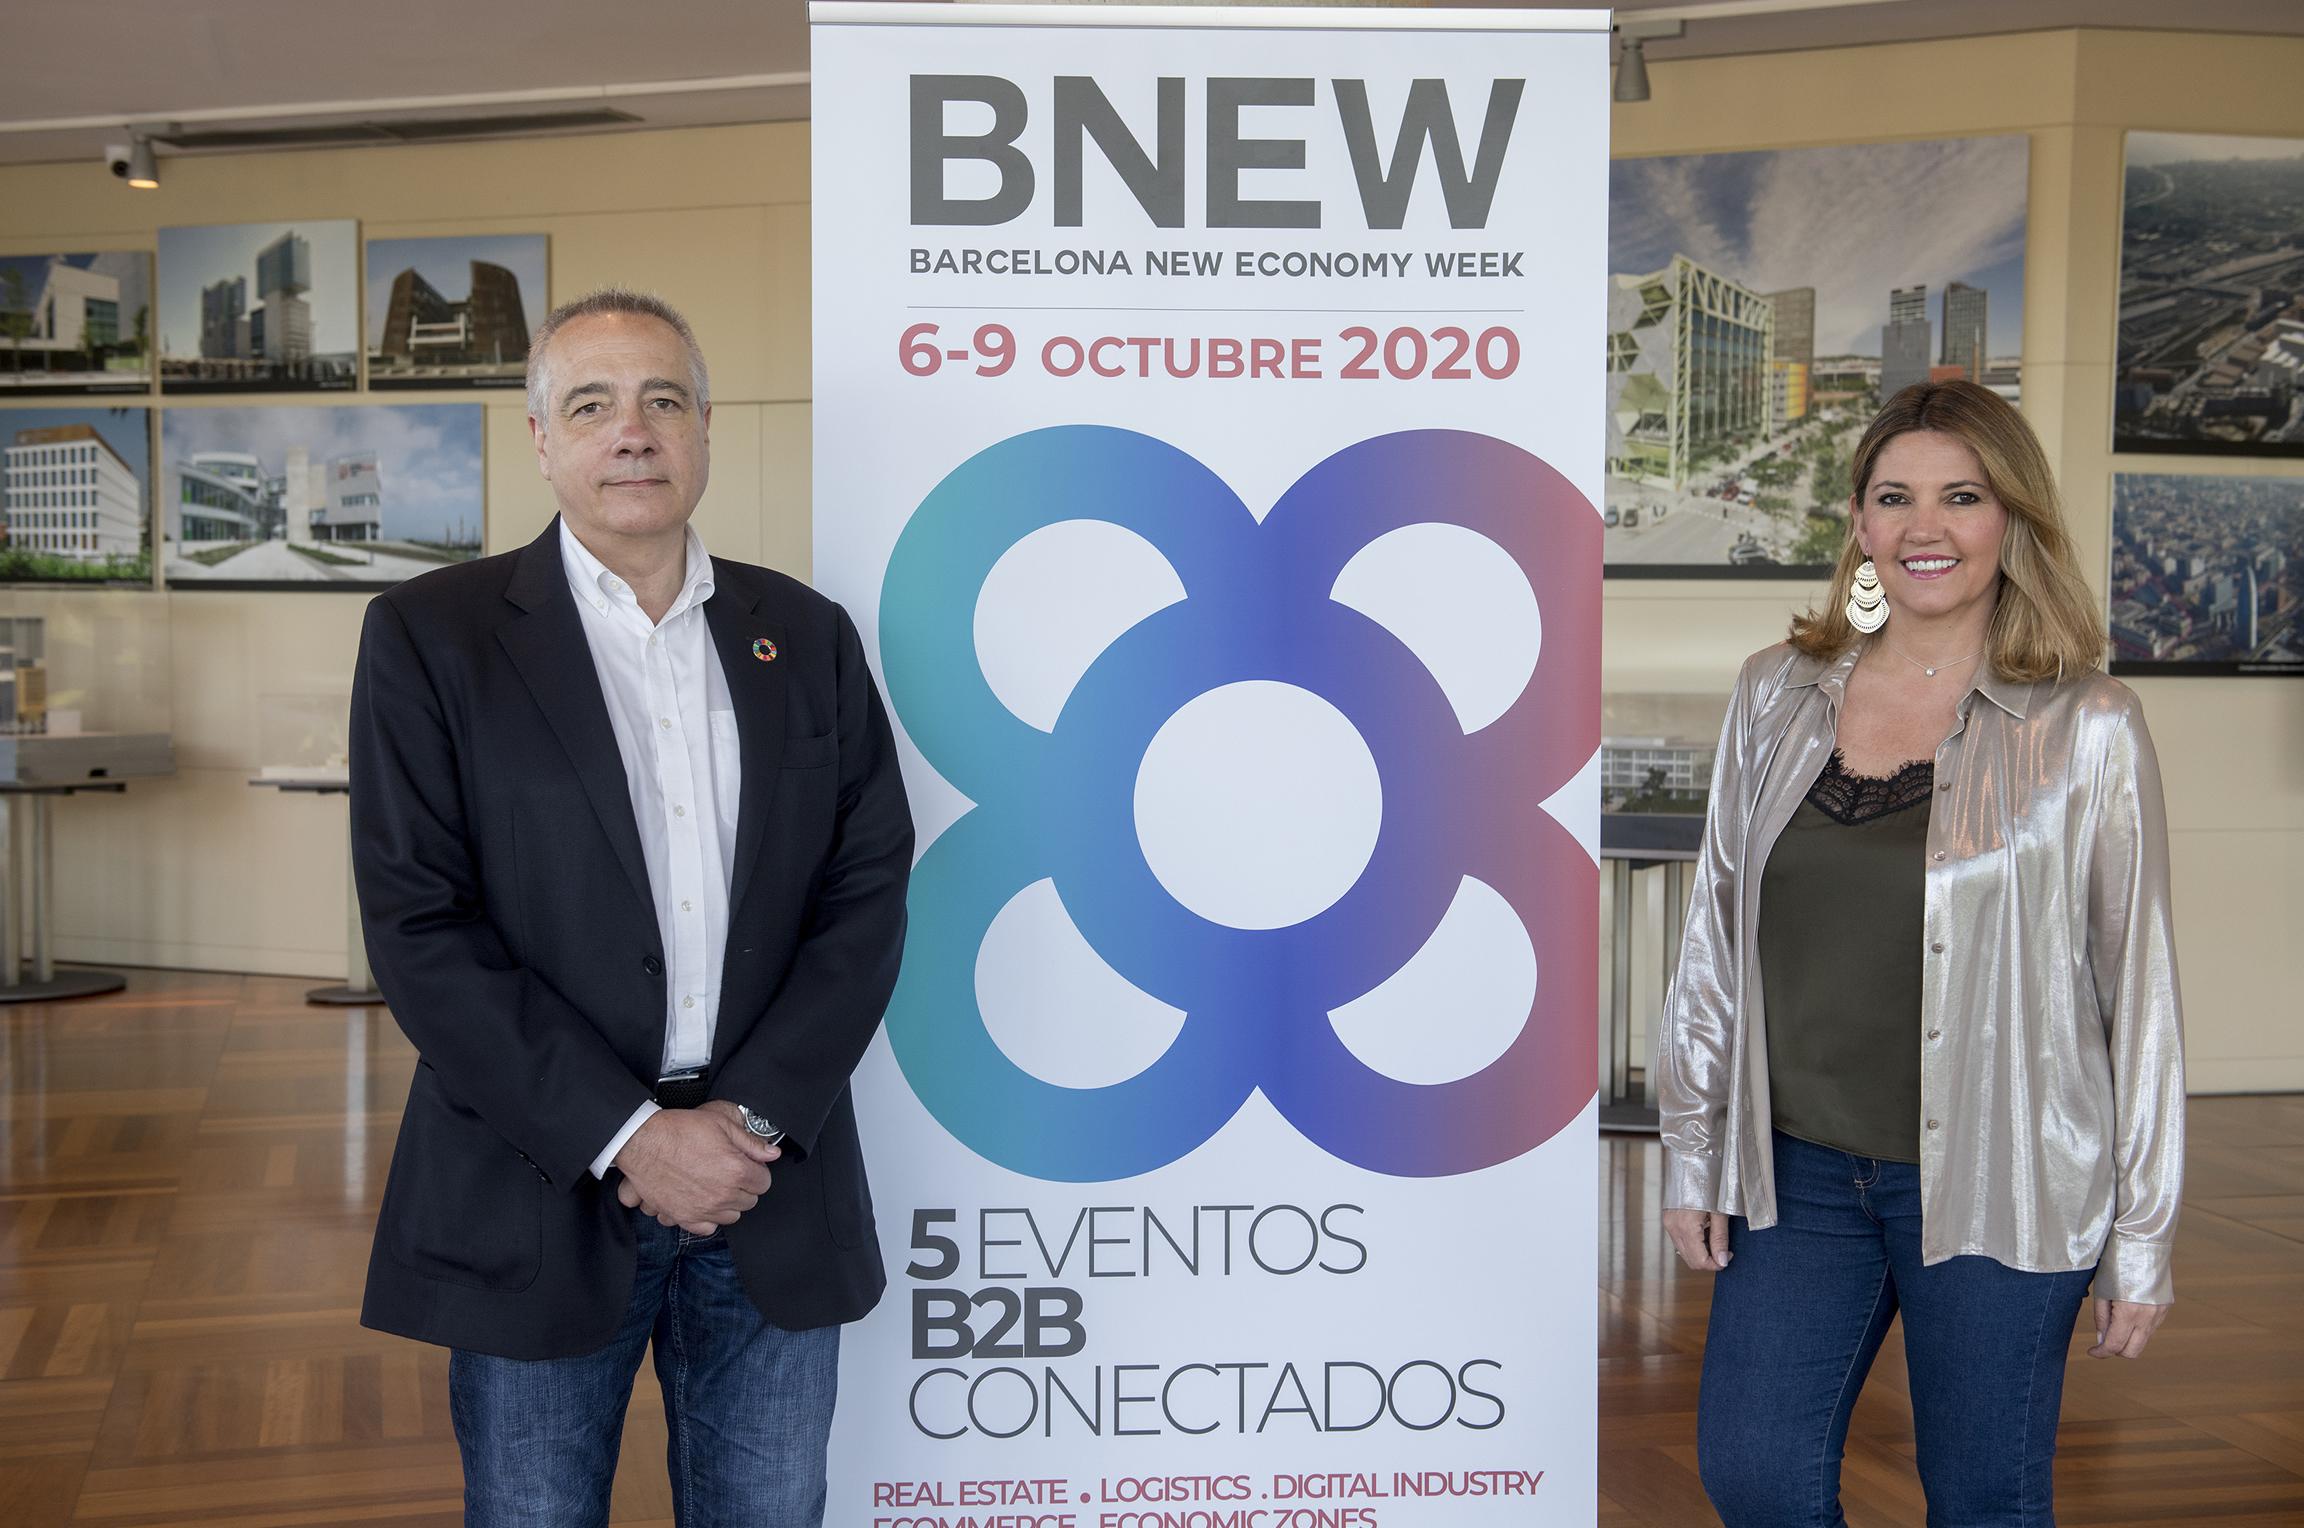 El Consorci de la Zona Franca crea BNEW, un nuevo concepto de dinamizar los principales sectores productivos